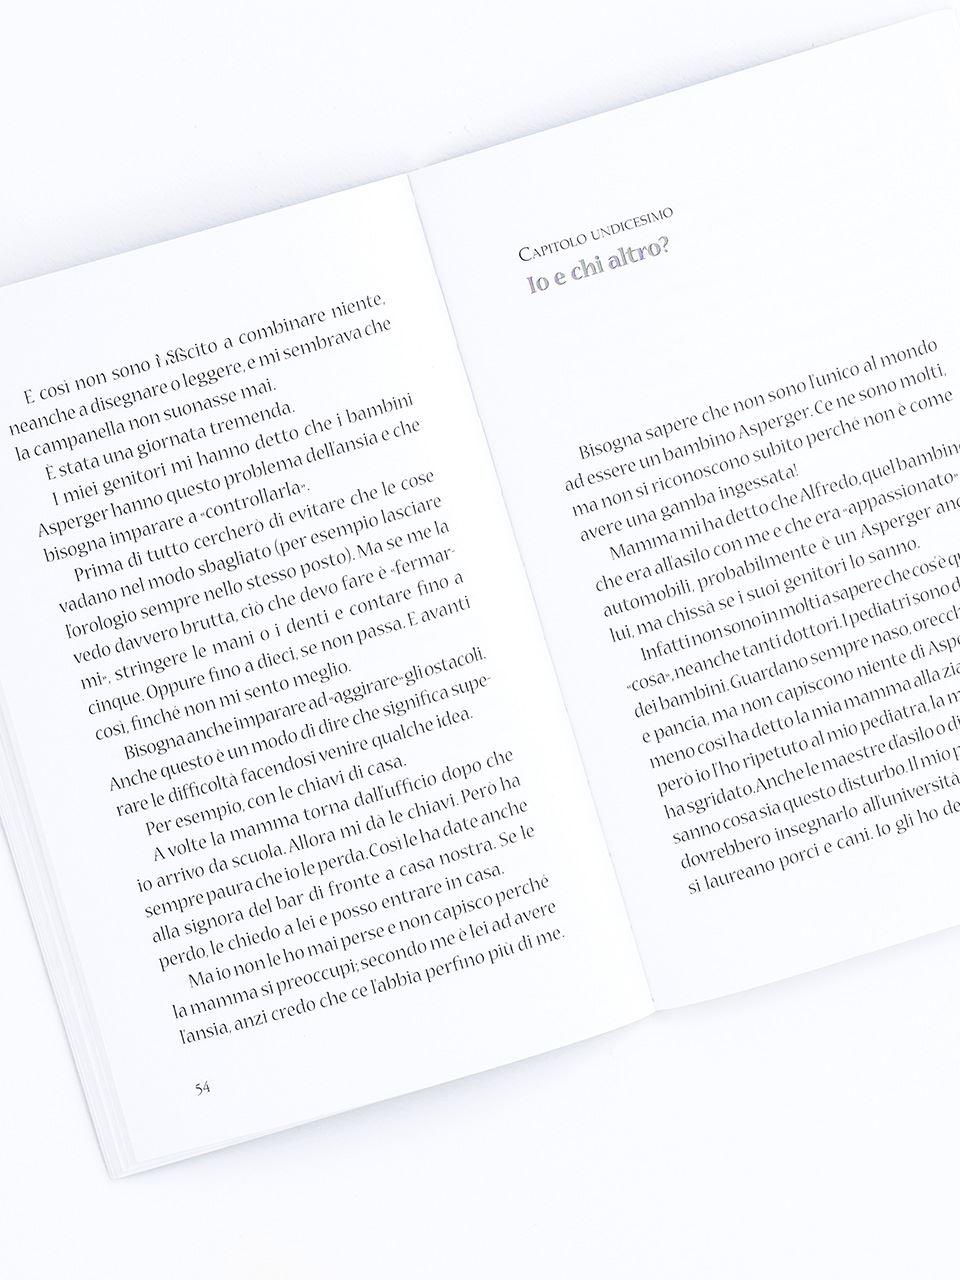 Dicono che sono Asperger - Libri - Erickson 2